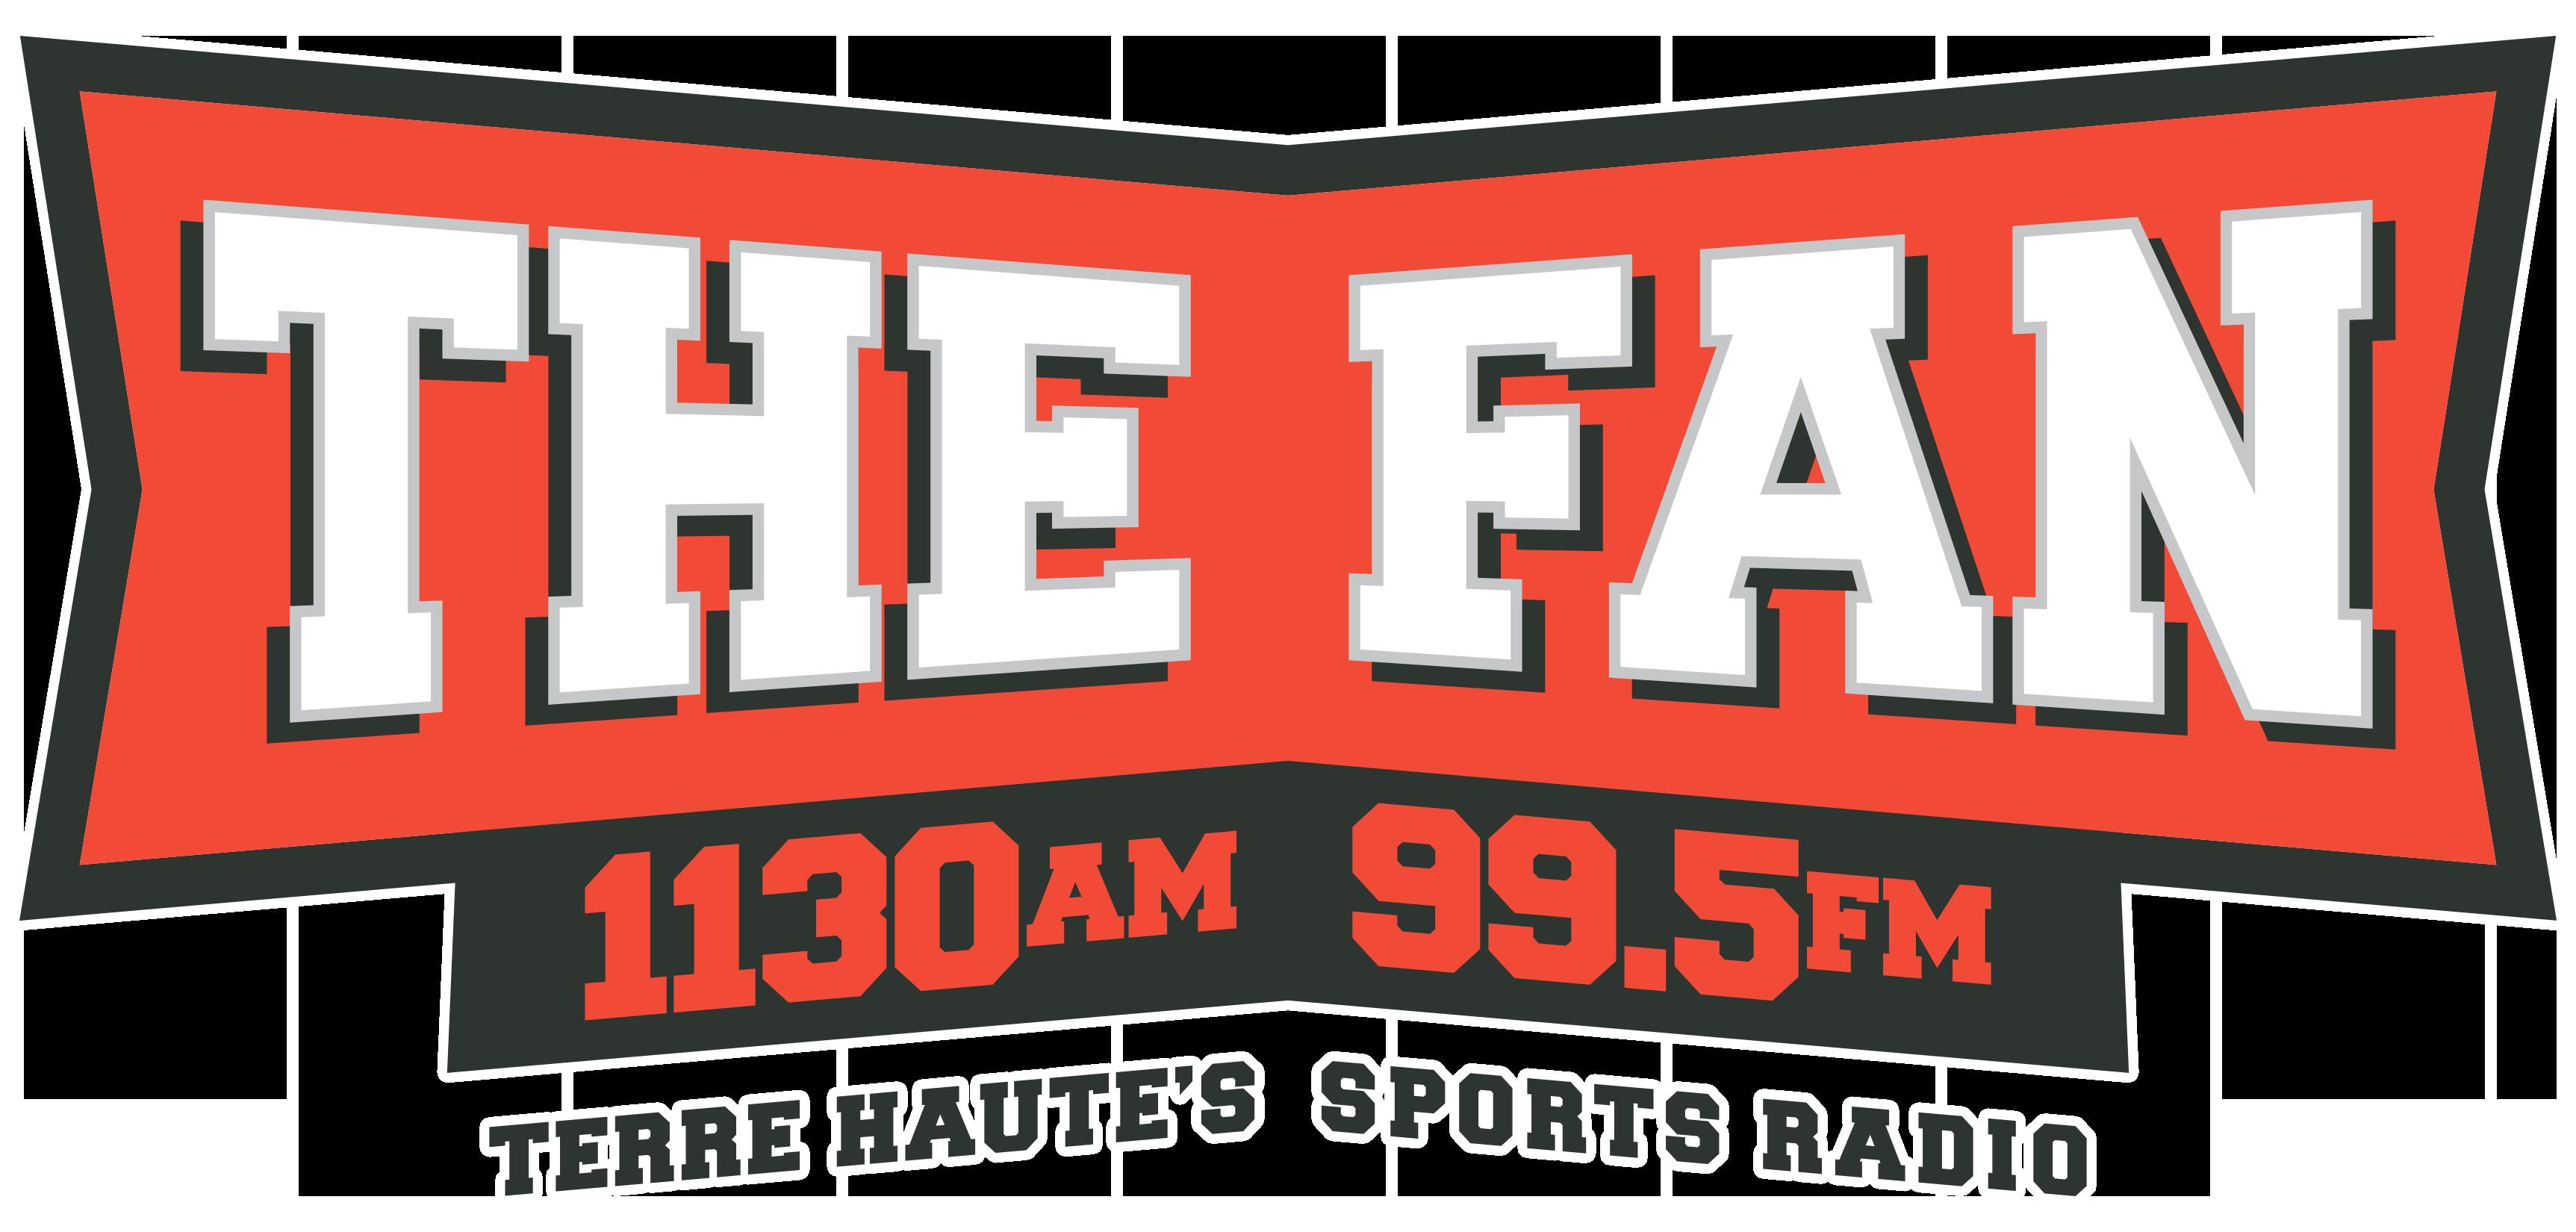 1130 The Fan, FM 99.5